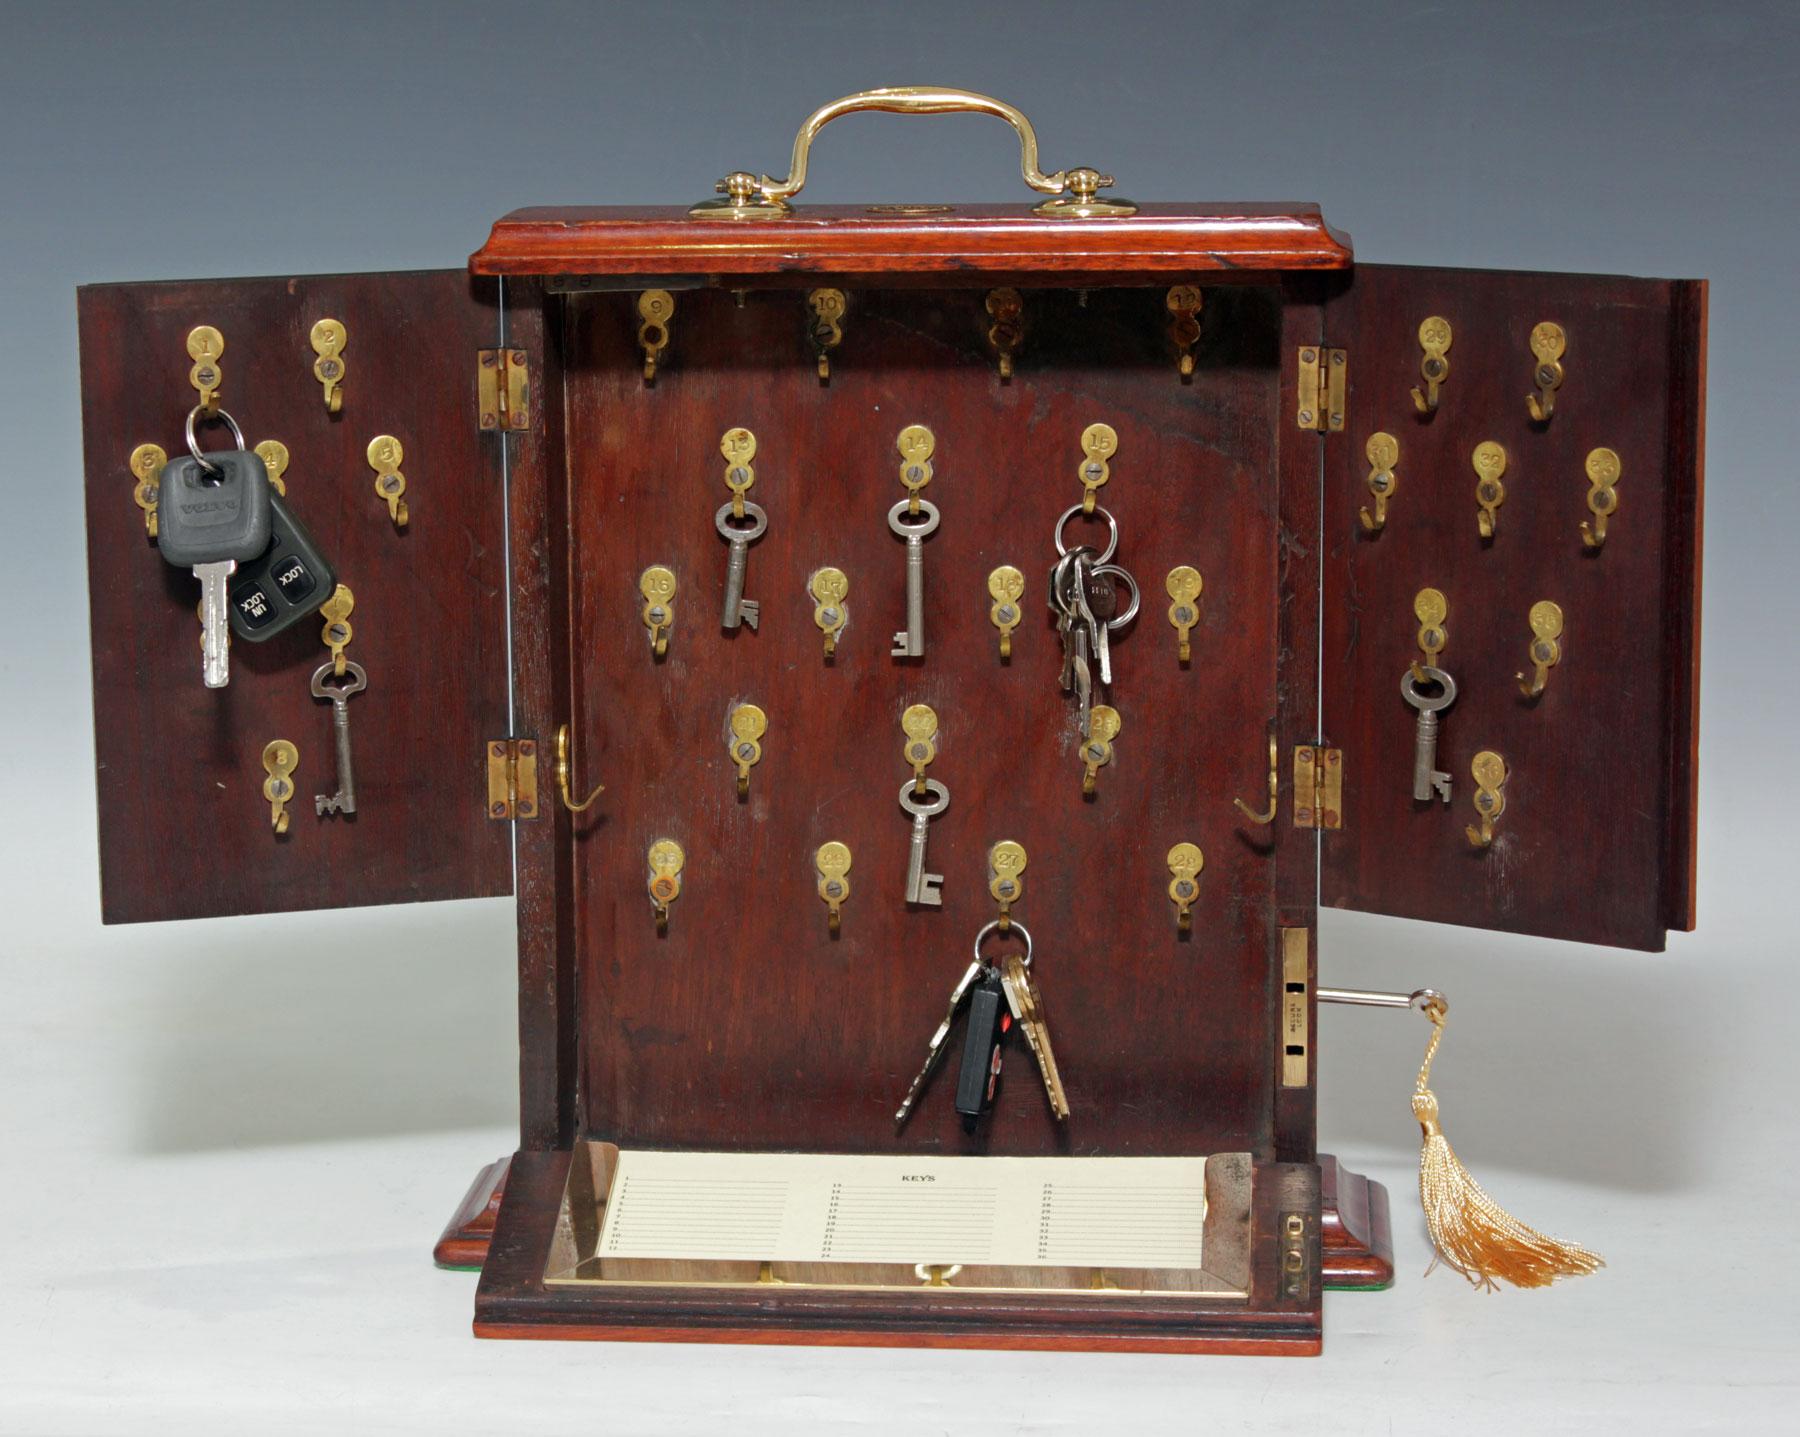 9000 Small Victorian Mahogany Desk Top Key Cabinet C 1880